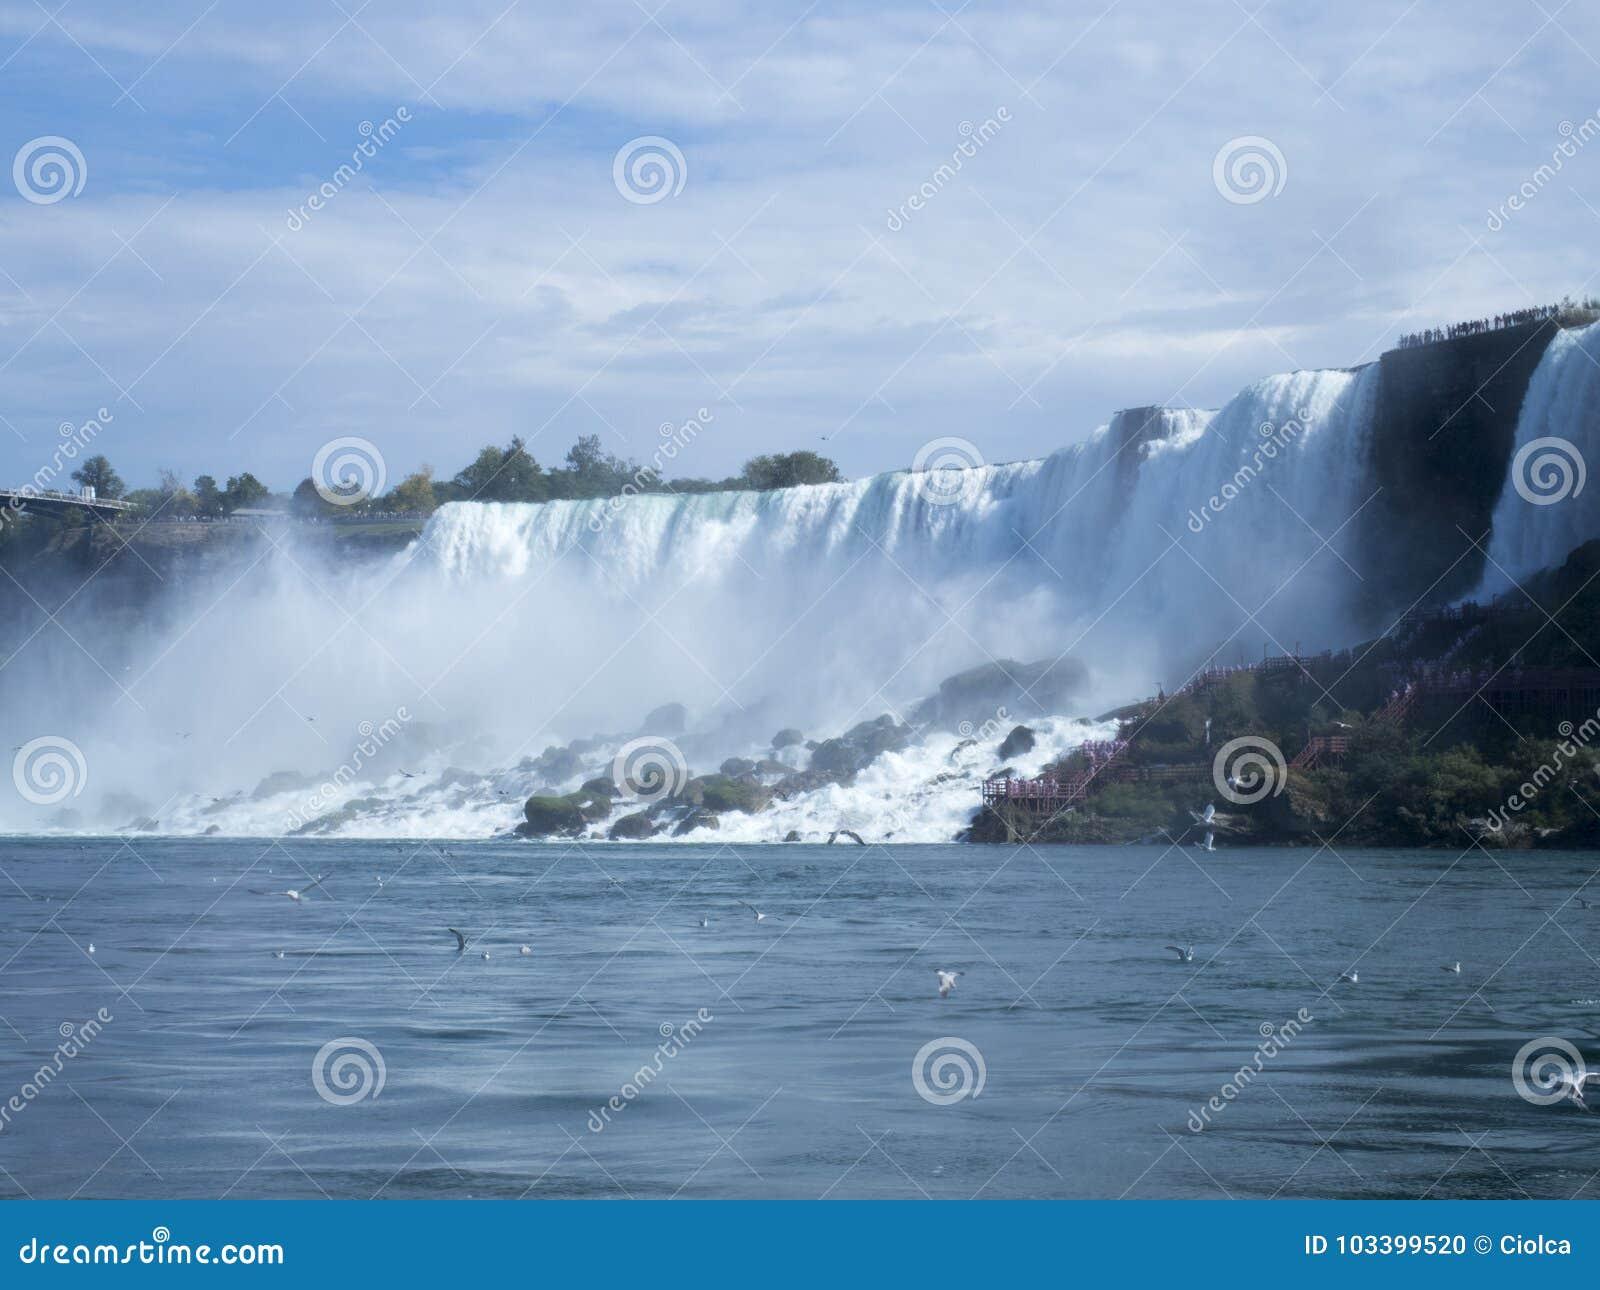 Niagara Falls At The Border Between Usa And Canada Stock